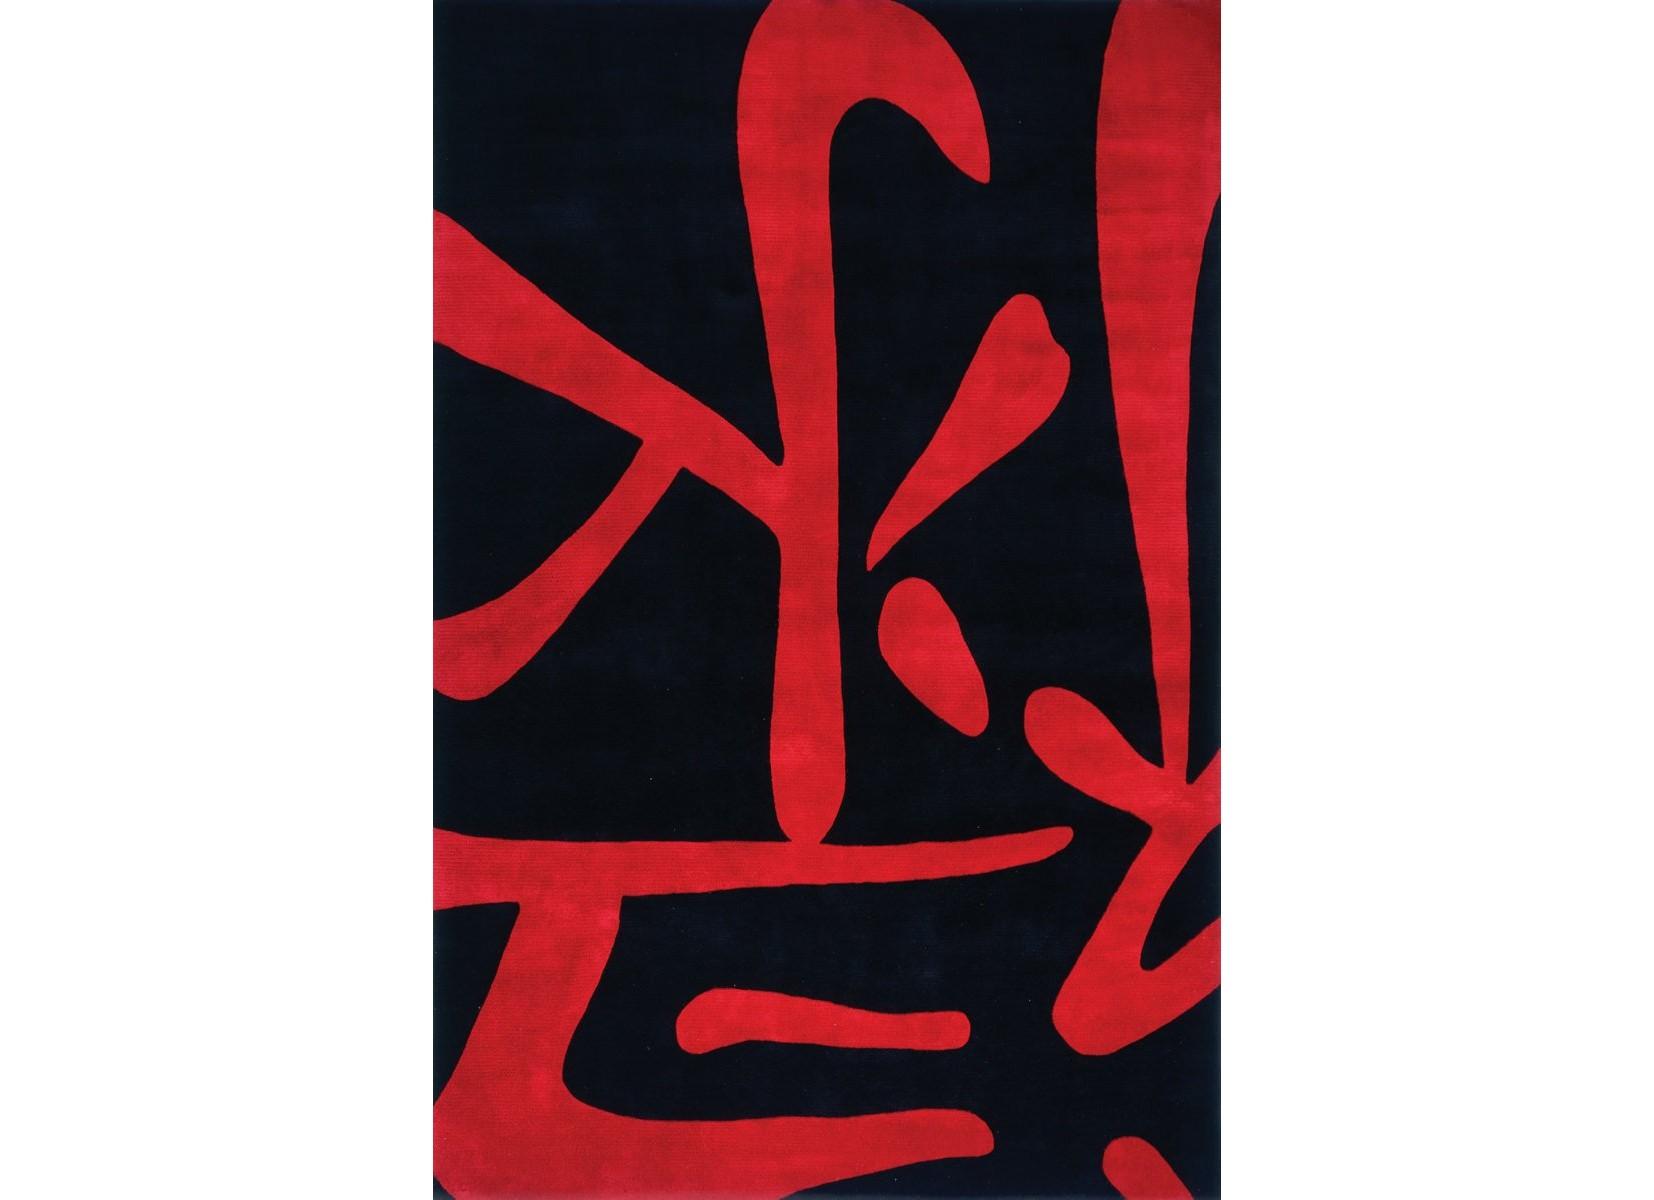 Ковер Haruki 200x280Прямоугольные ковры<br><br><br>Material: Шерсть<br>Width см: 200<br>Depth см: 280